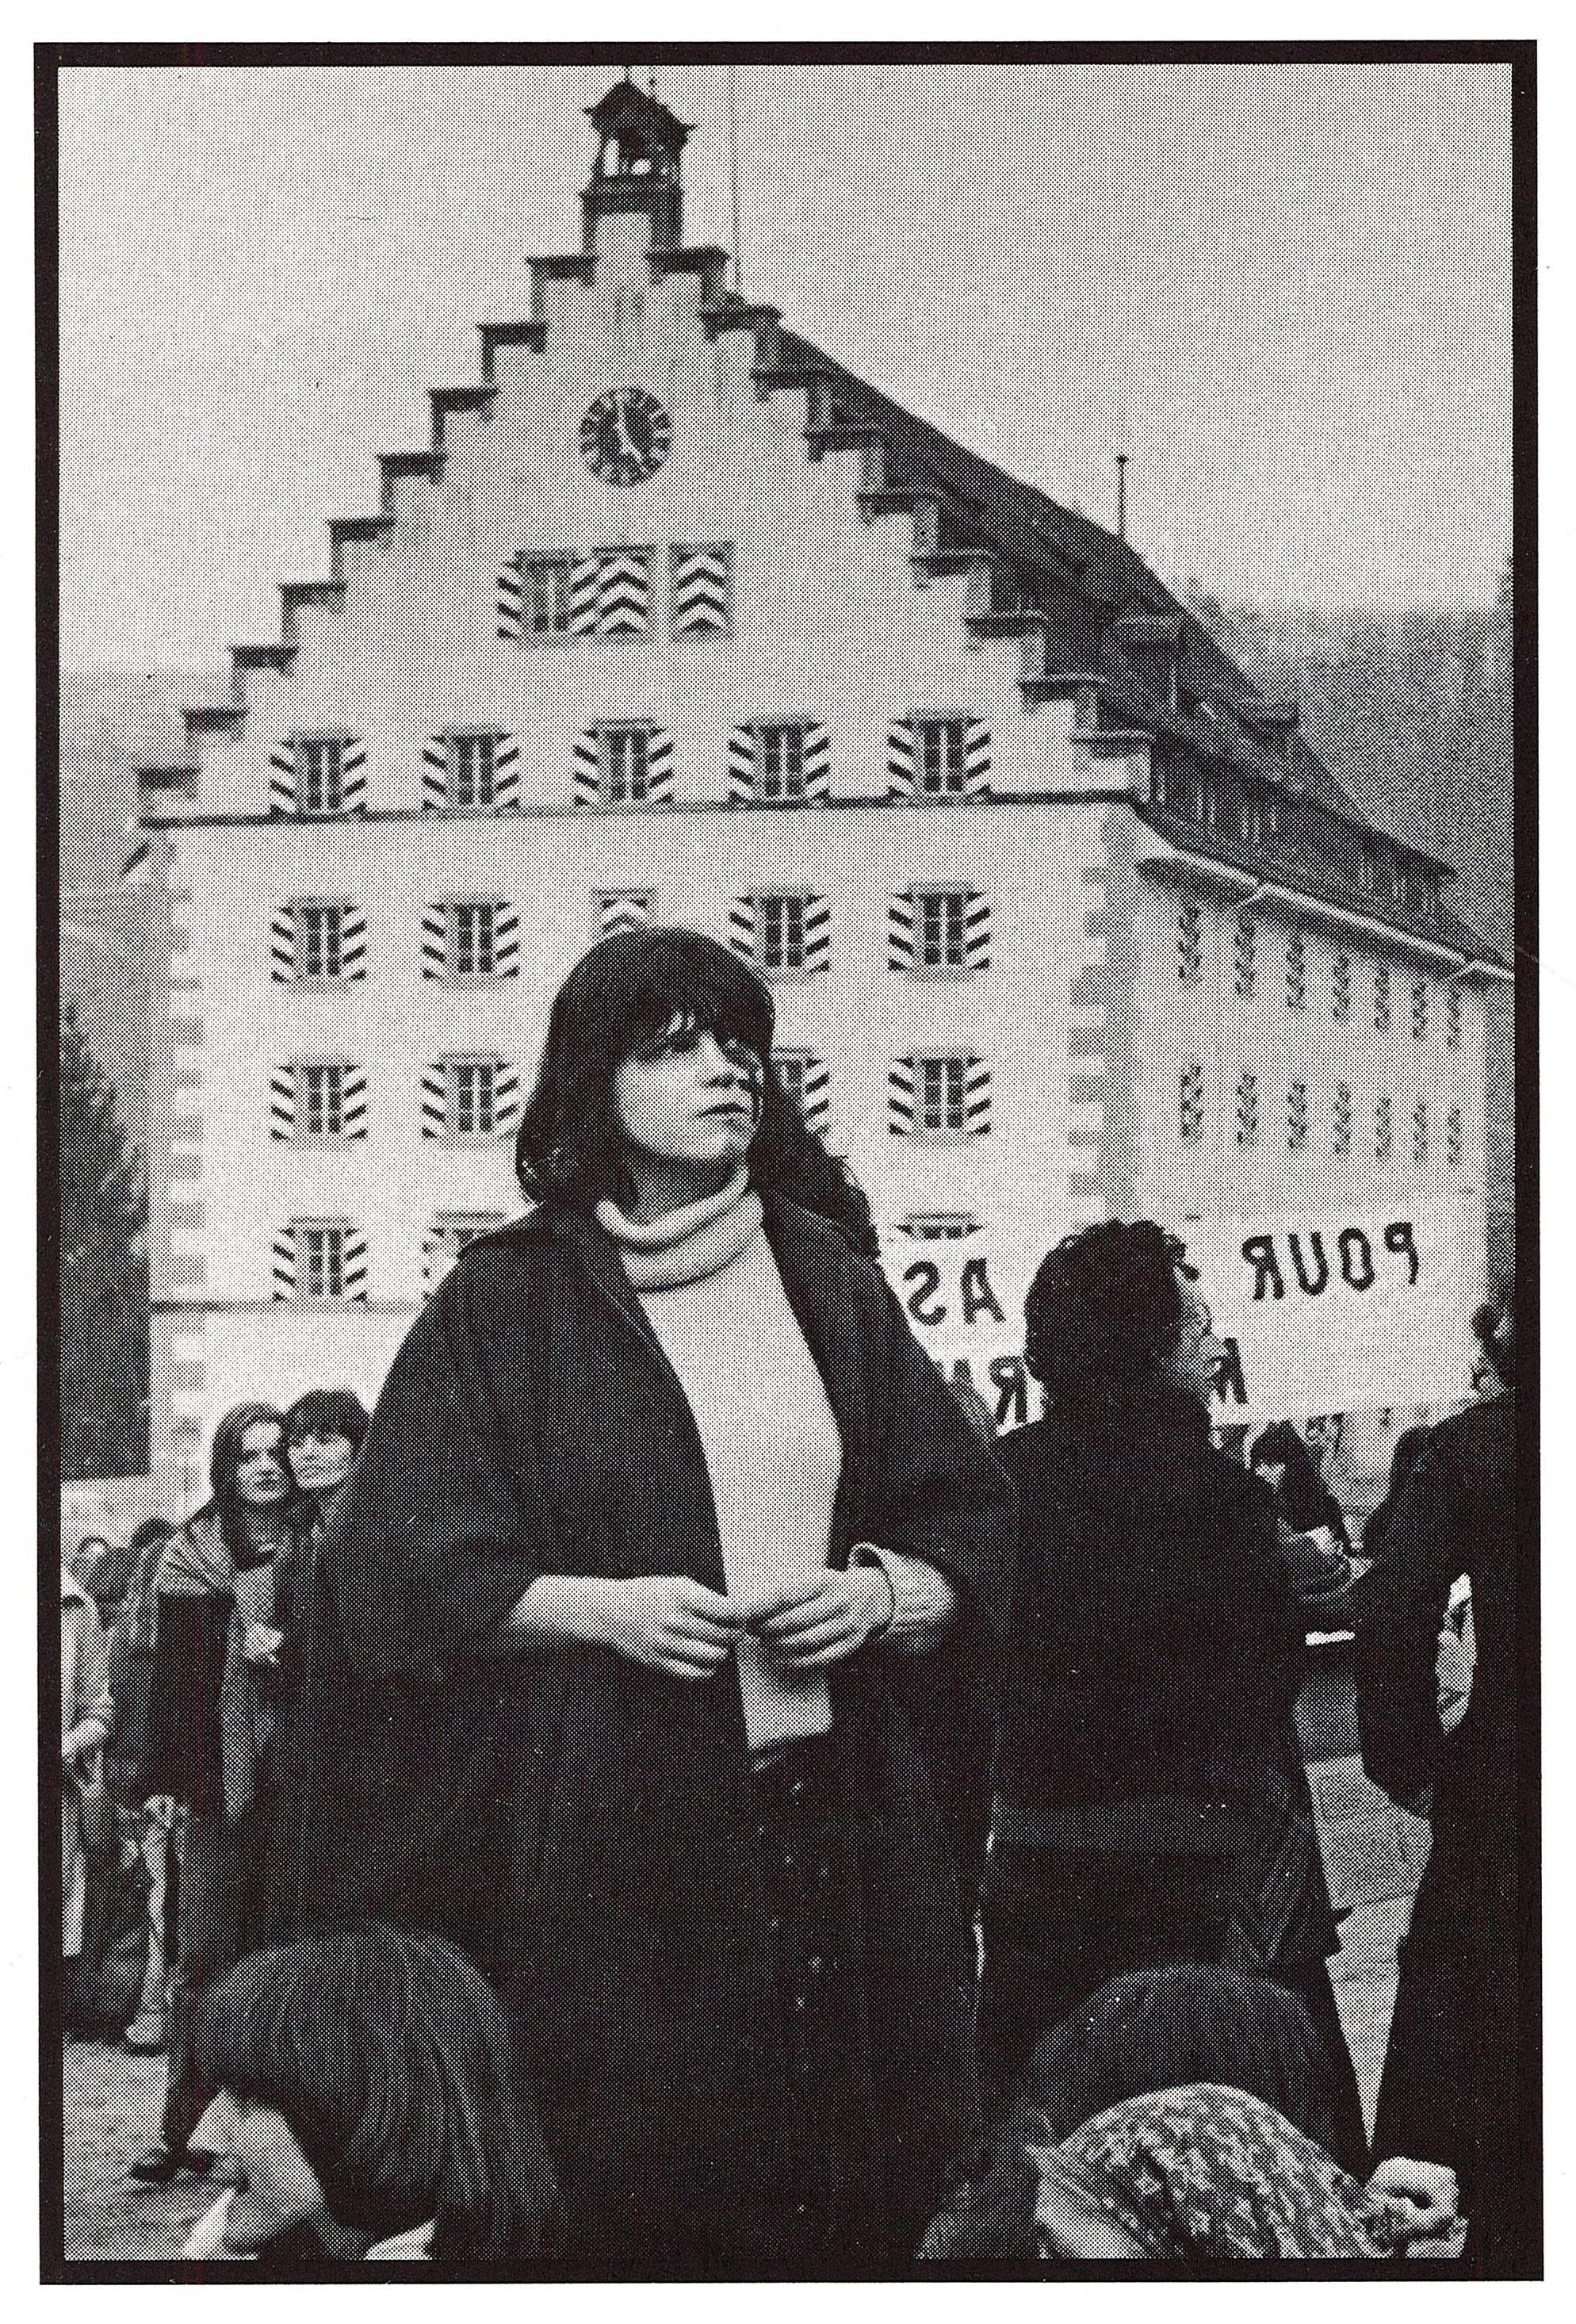 Aus dem Buch Frauen gehen auf die Strasse / Femmes descendent dans la rue, ©Lindwurm-Verlag Fribourg, 1978